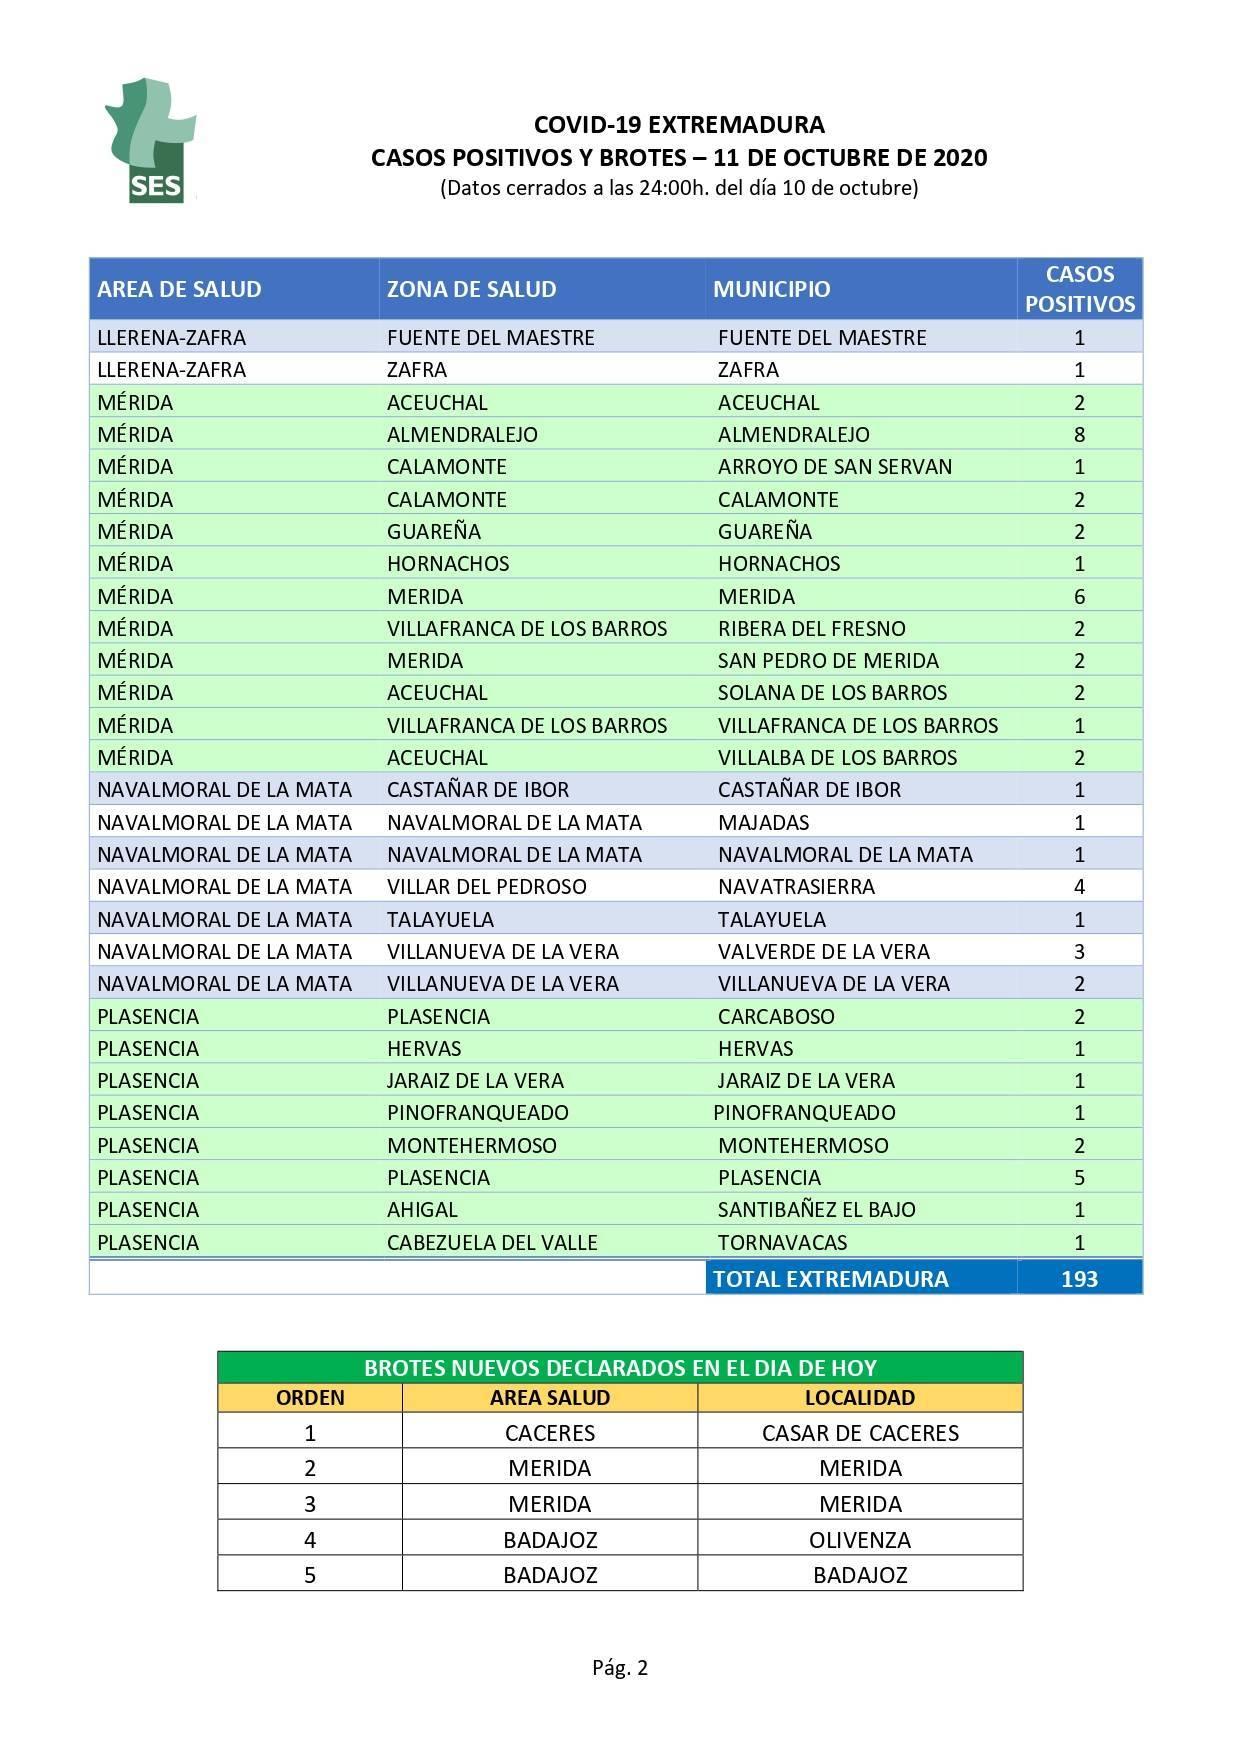 Nuevo caso de COVID-19 (octubre 2020) - Castañar de Ibor (Cáceres)